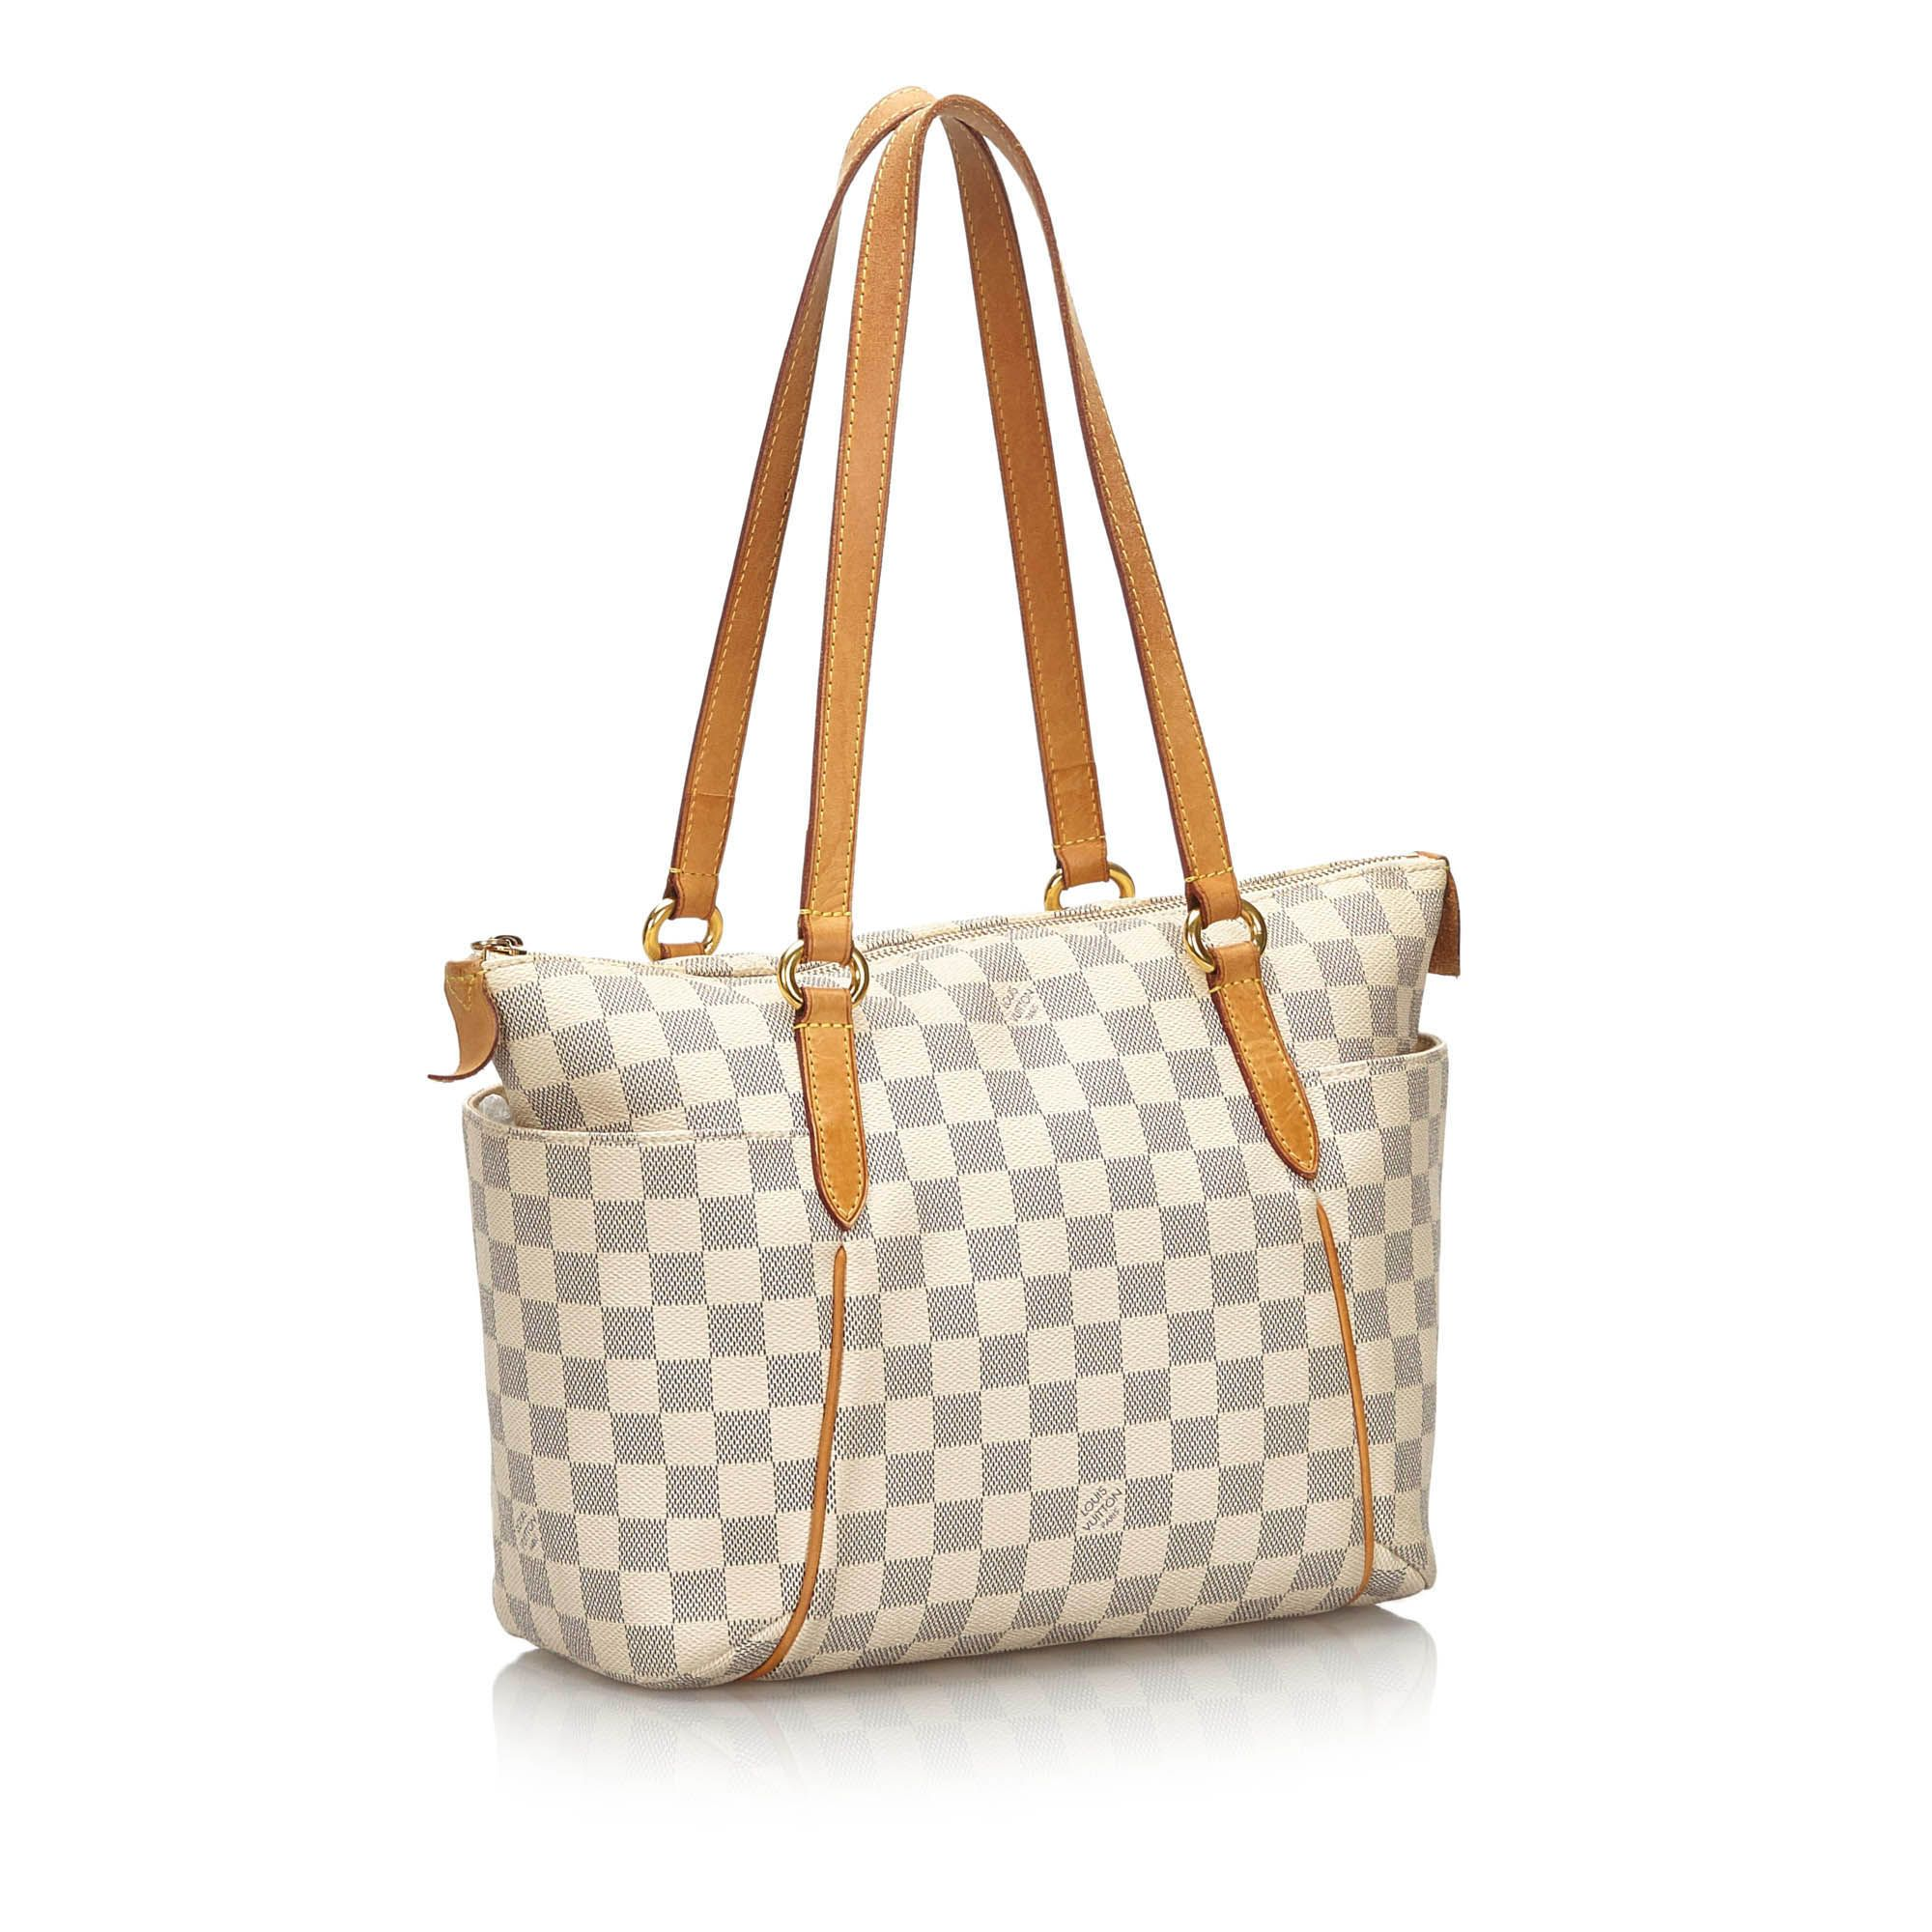 Vintage Louis Vuitton Damier Azur Totally PM White